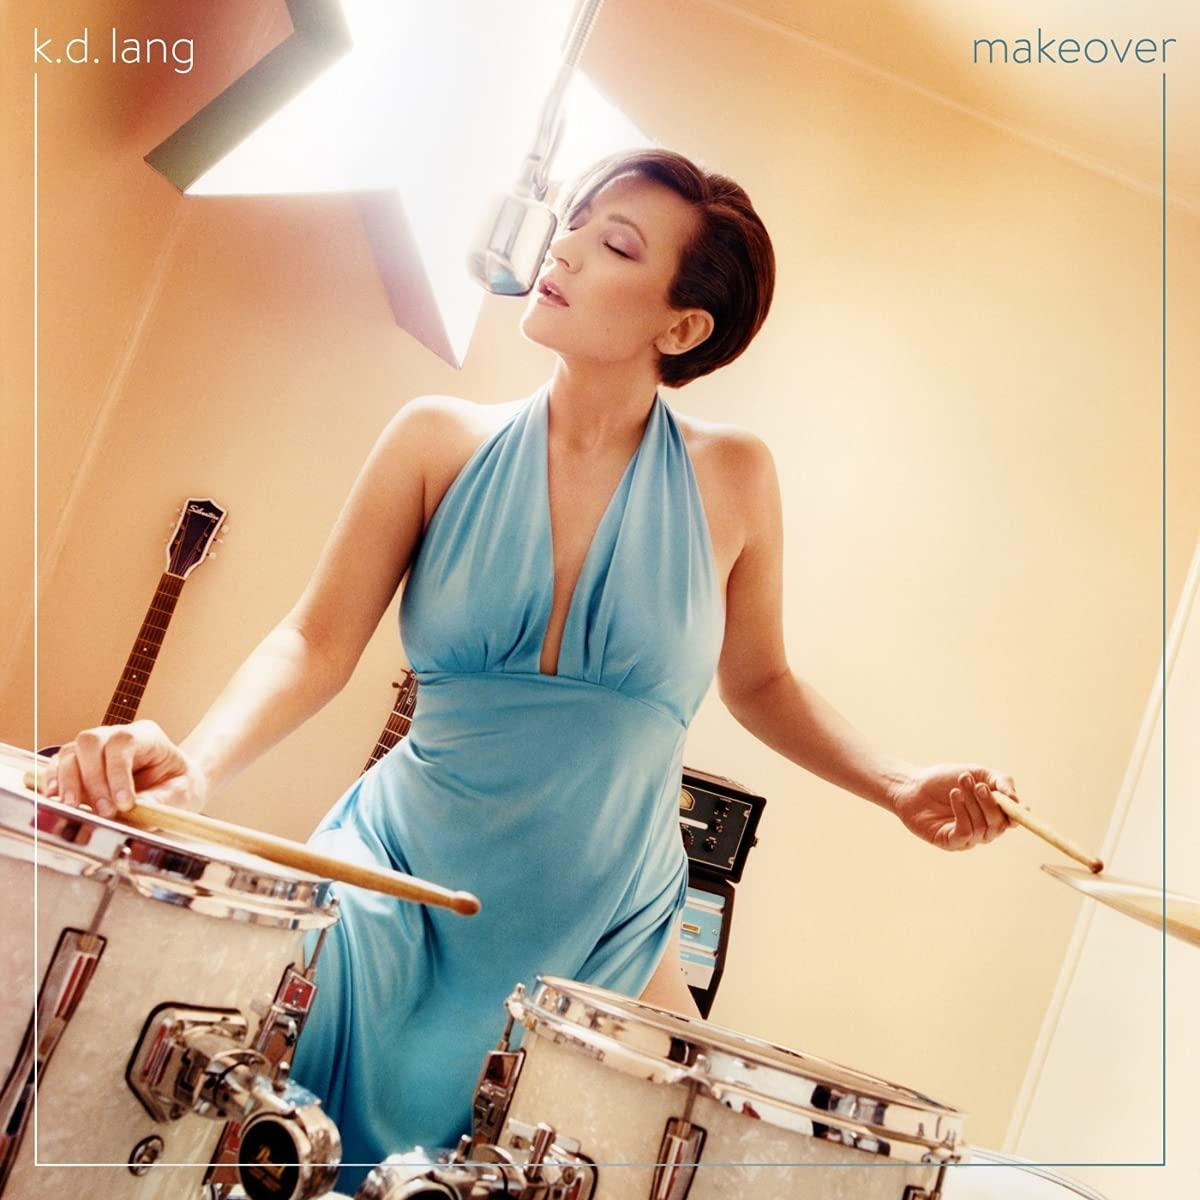 """K.D. Lang okupila plesne remikseve na novoj kolekciji """"Makeover"""""""